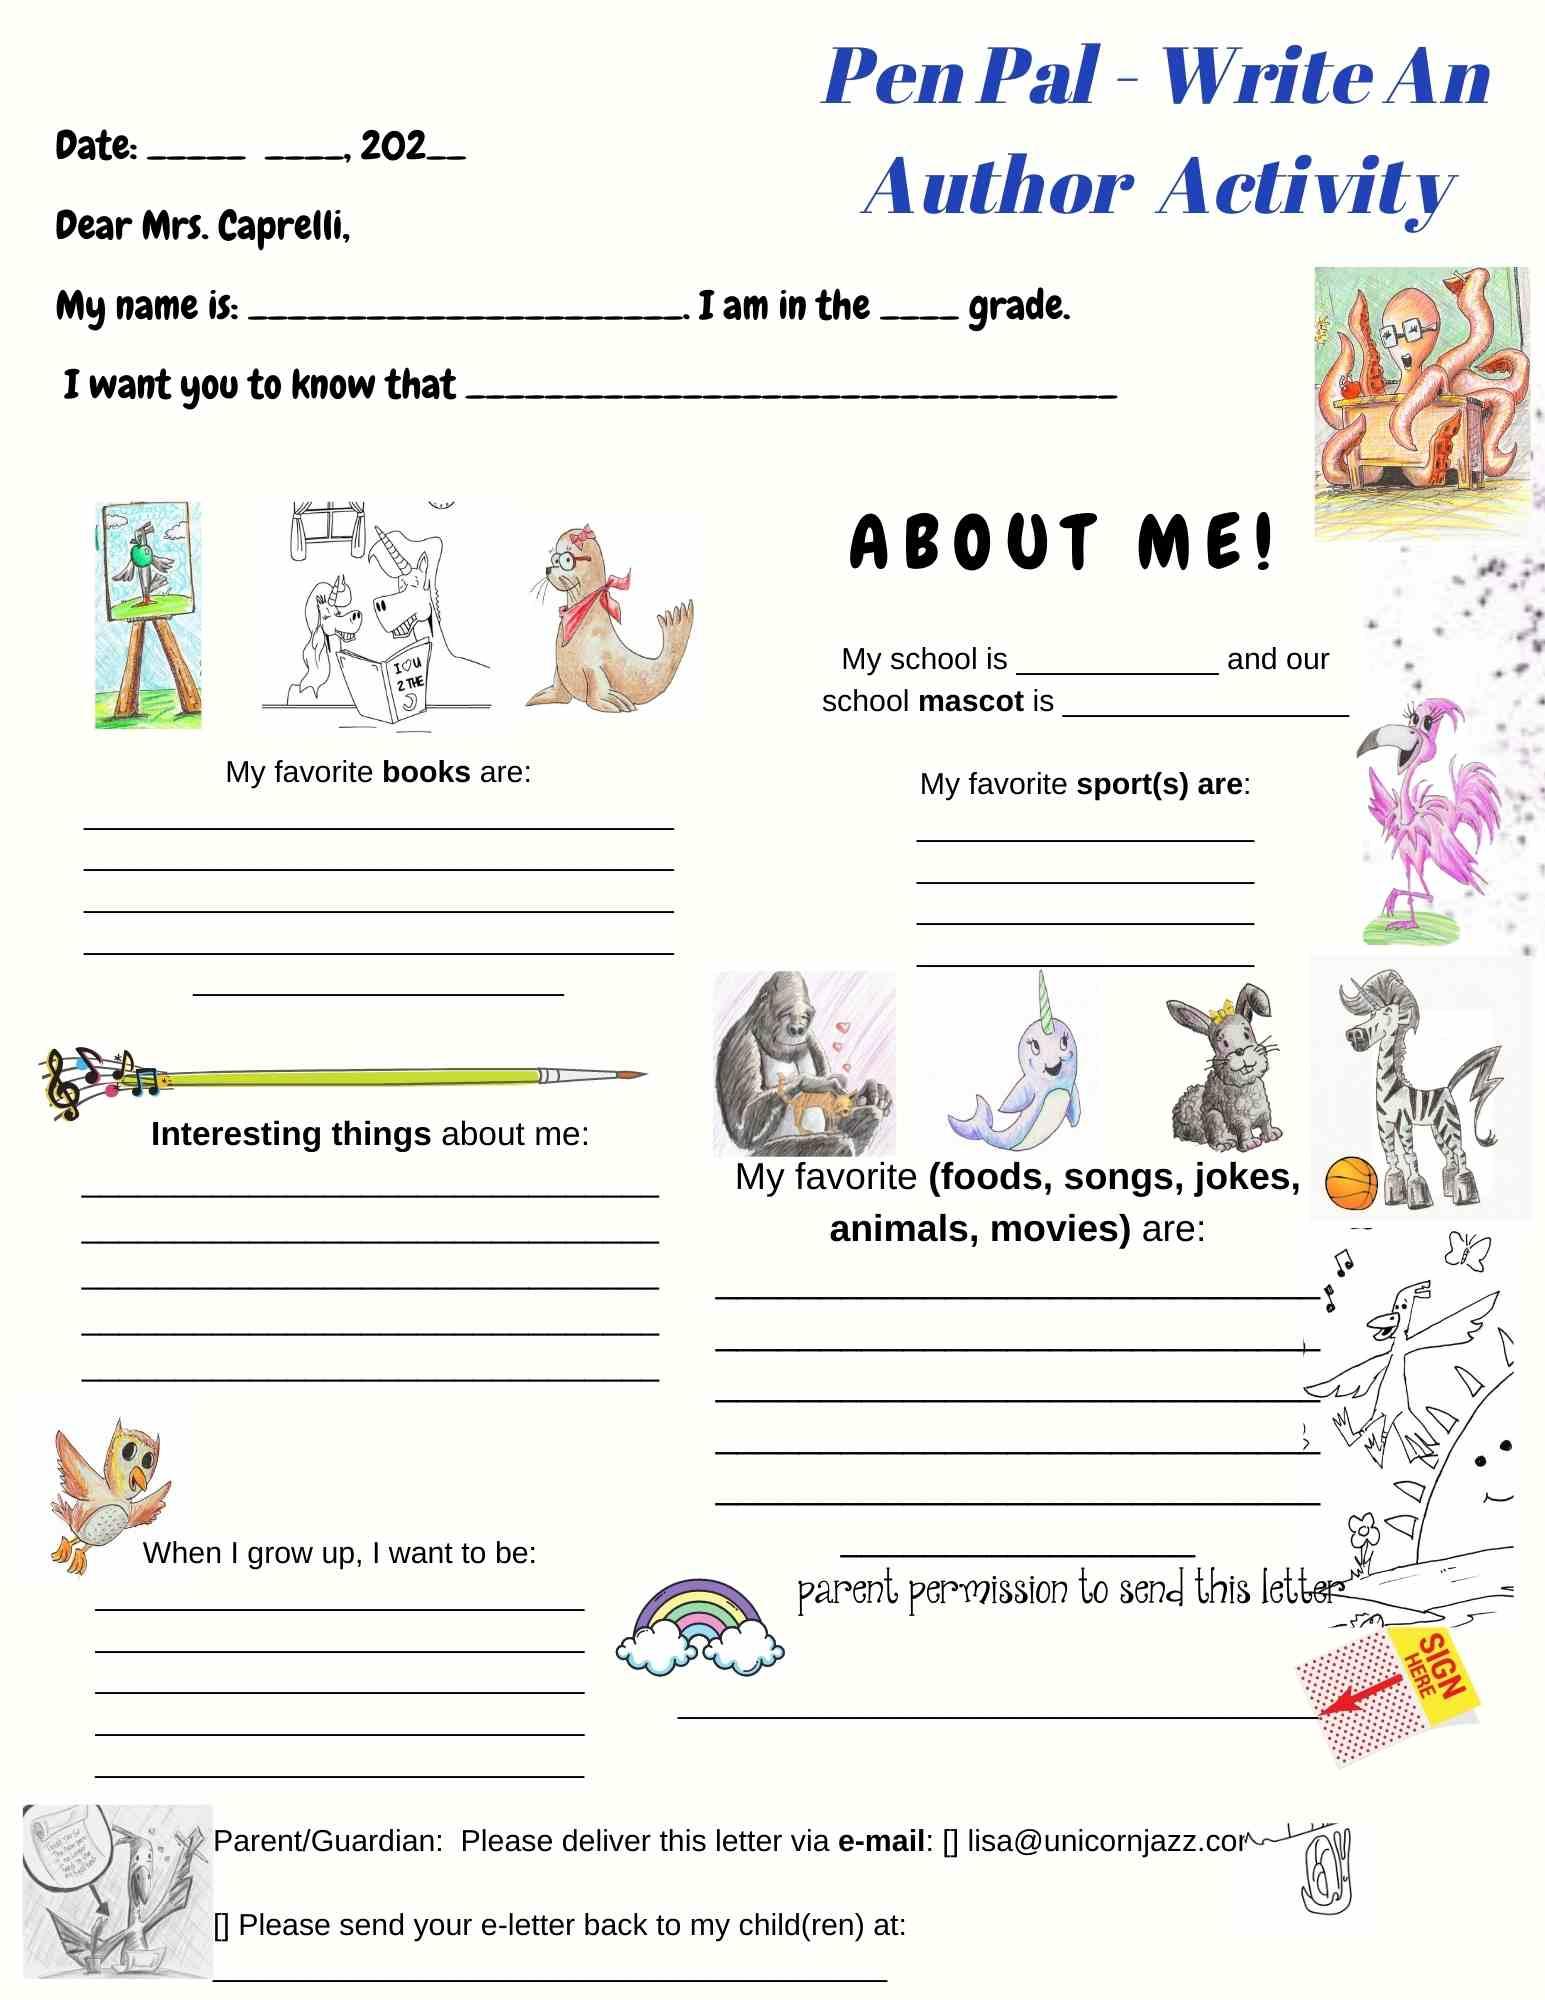 Pen pal a letter to a children's author